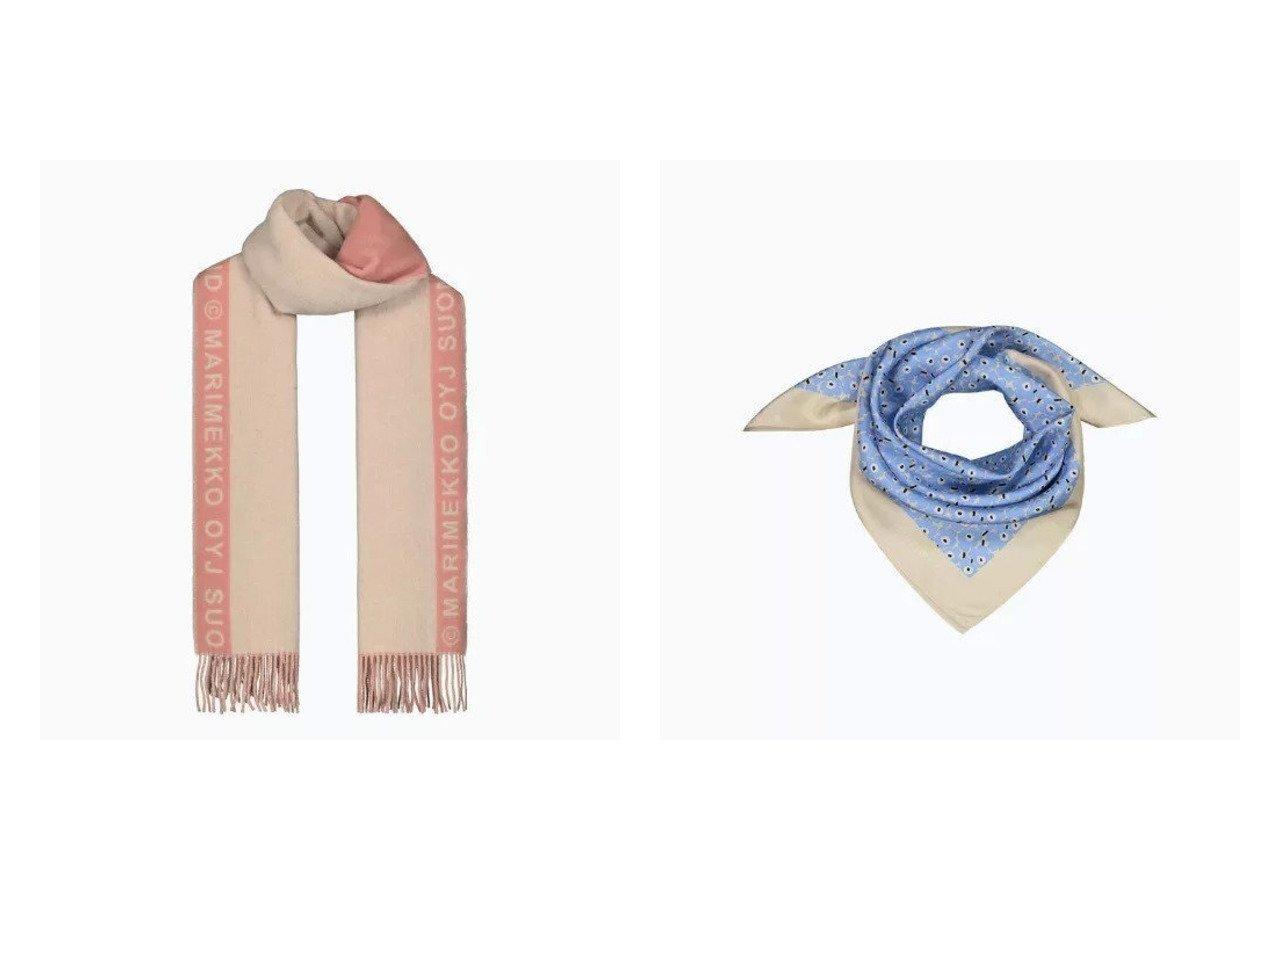 【marimekko/マリメッコ】のSiime スカーフ&Unikko スカーフ marimekkoのおすすめ!人気、トレンド・レディースファッションの通販  おすすめで人気の流行・トレンド、ファッションの通販商品 メンズファッション・キッズファッション・インテリア・家具・レディースファッション・服の通販 founy(ファニー) https://founy.com/ ファッション Fashion レディースファッション WOMEN ストール Scarves マフラー Mufflers スカーフ ストール フェミニン マフラー シルク モチーフ リュクス |ID:crp329100000020180